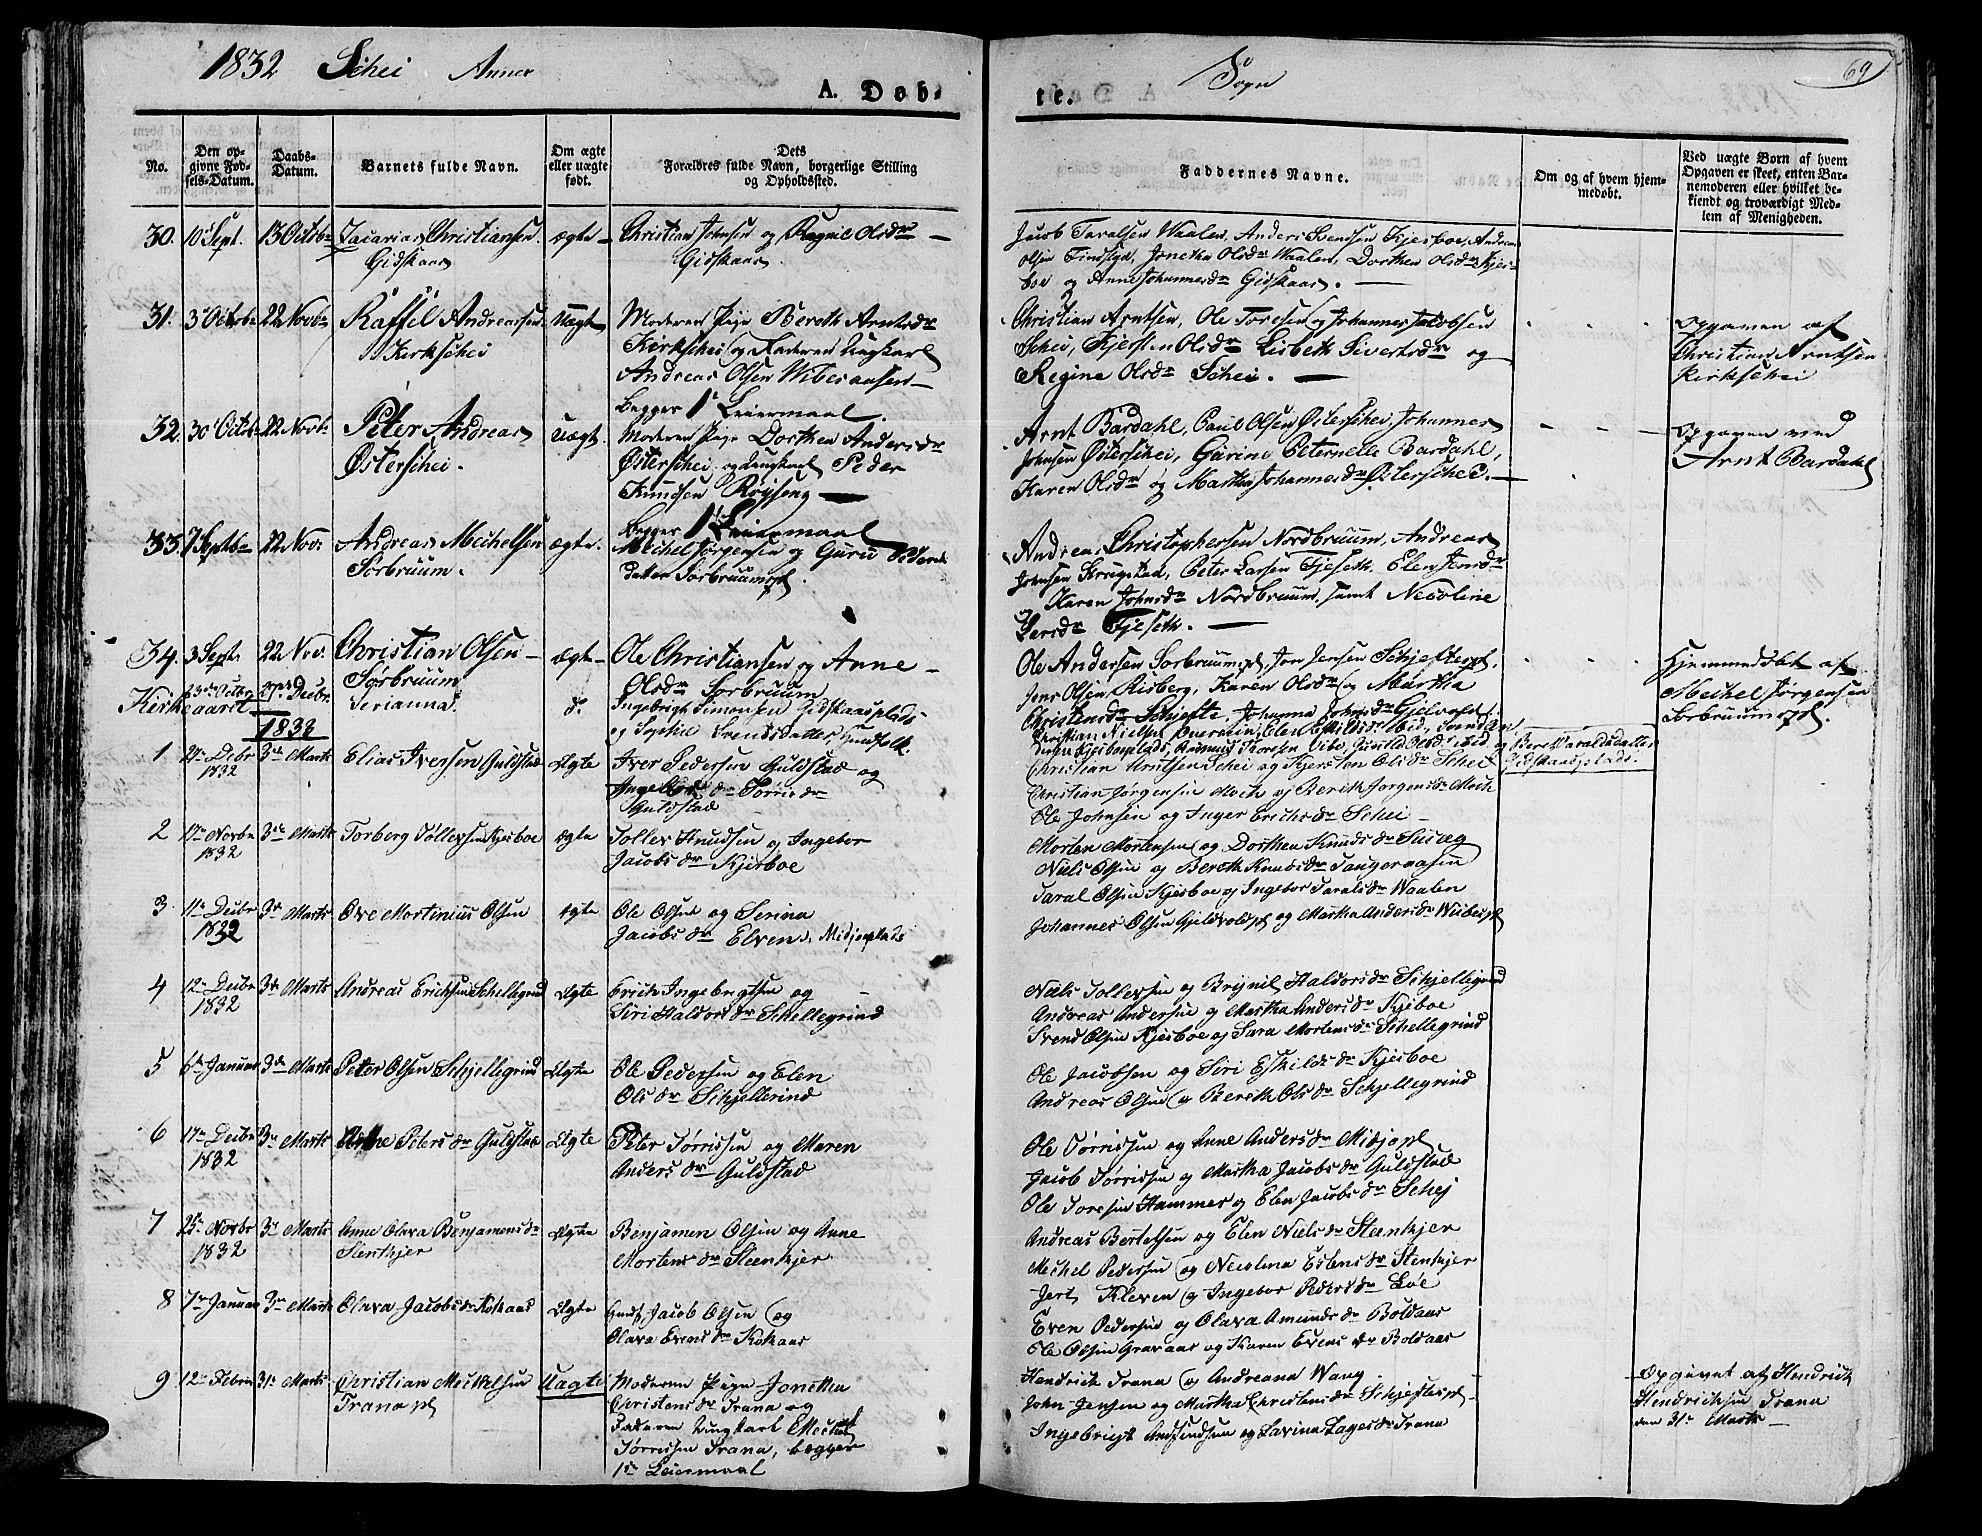 SAT, Ministerialprotokoller, klokkerbøker og fødselsregistre - Nord-Trøndelag, 735/L0336: Ministerialbok nr. 735A05 /2, 1825-1835, s. 69